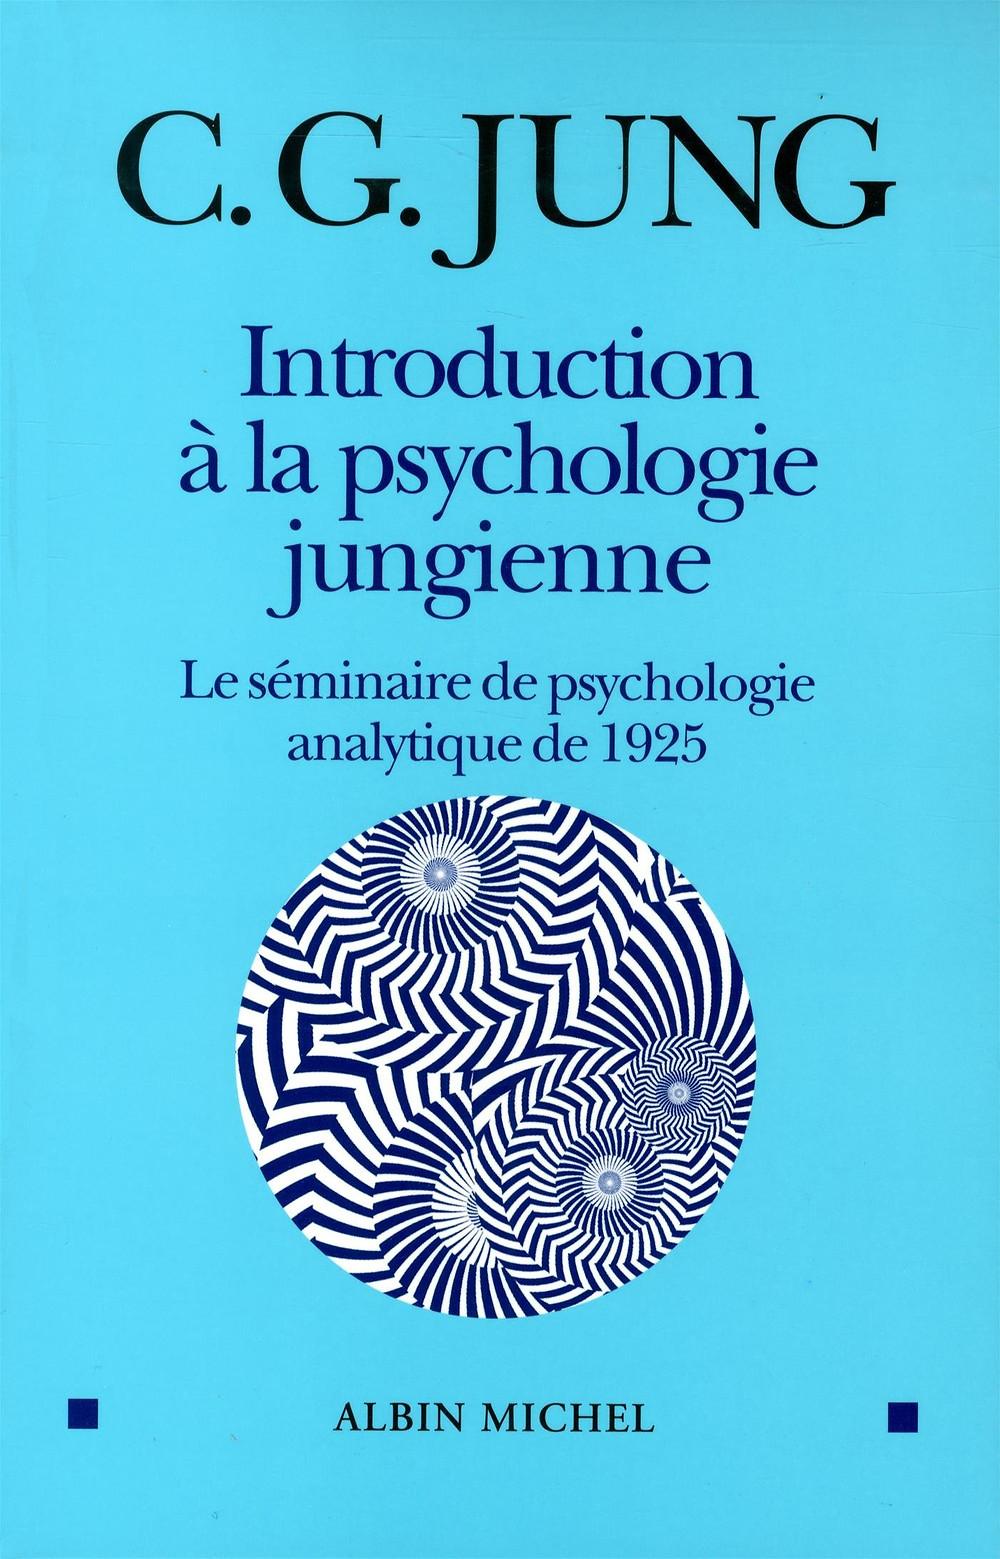 Introduction à la psychologie jungienne - Marc Fraissinet Hypnose Poitiers de C.G.JUNG (1925)